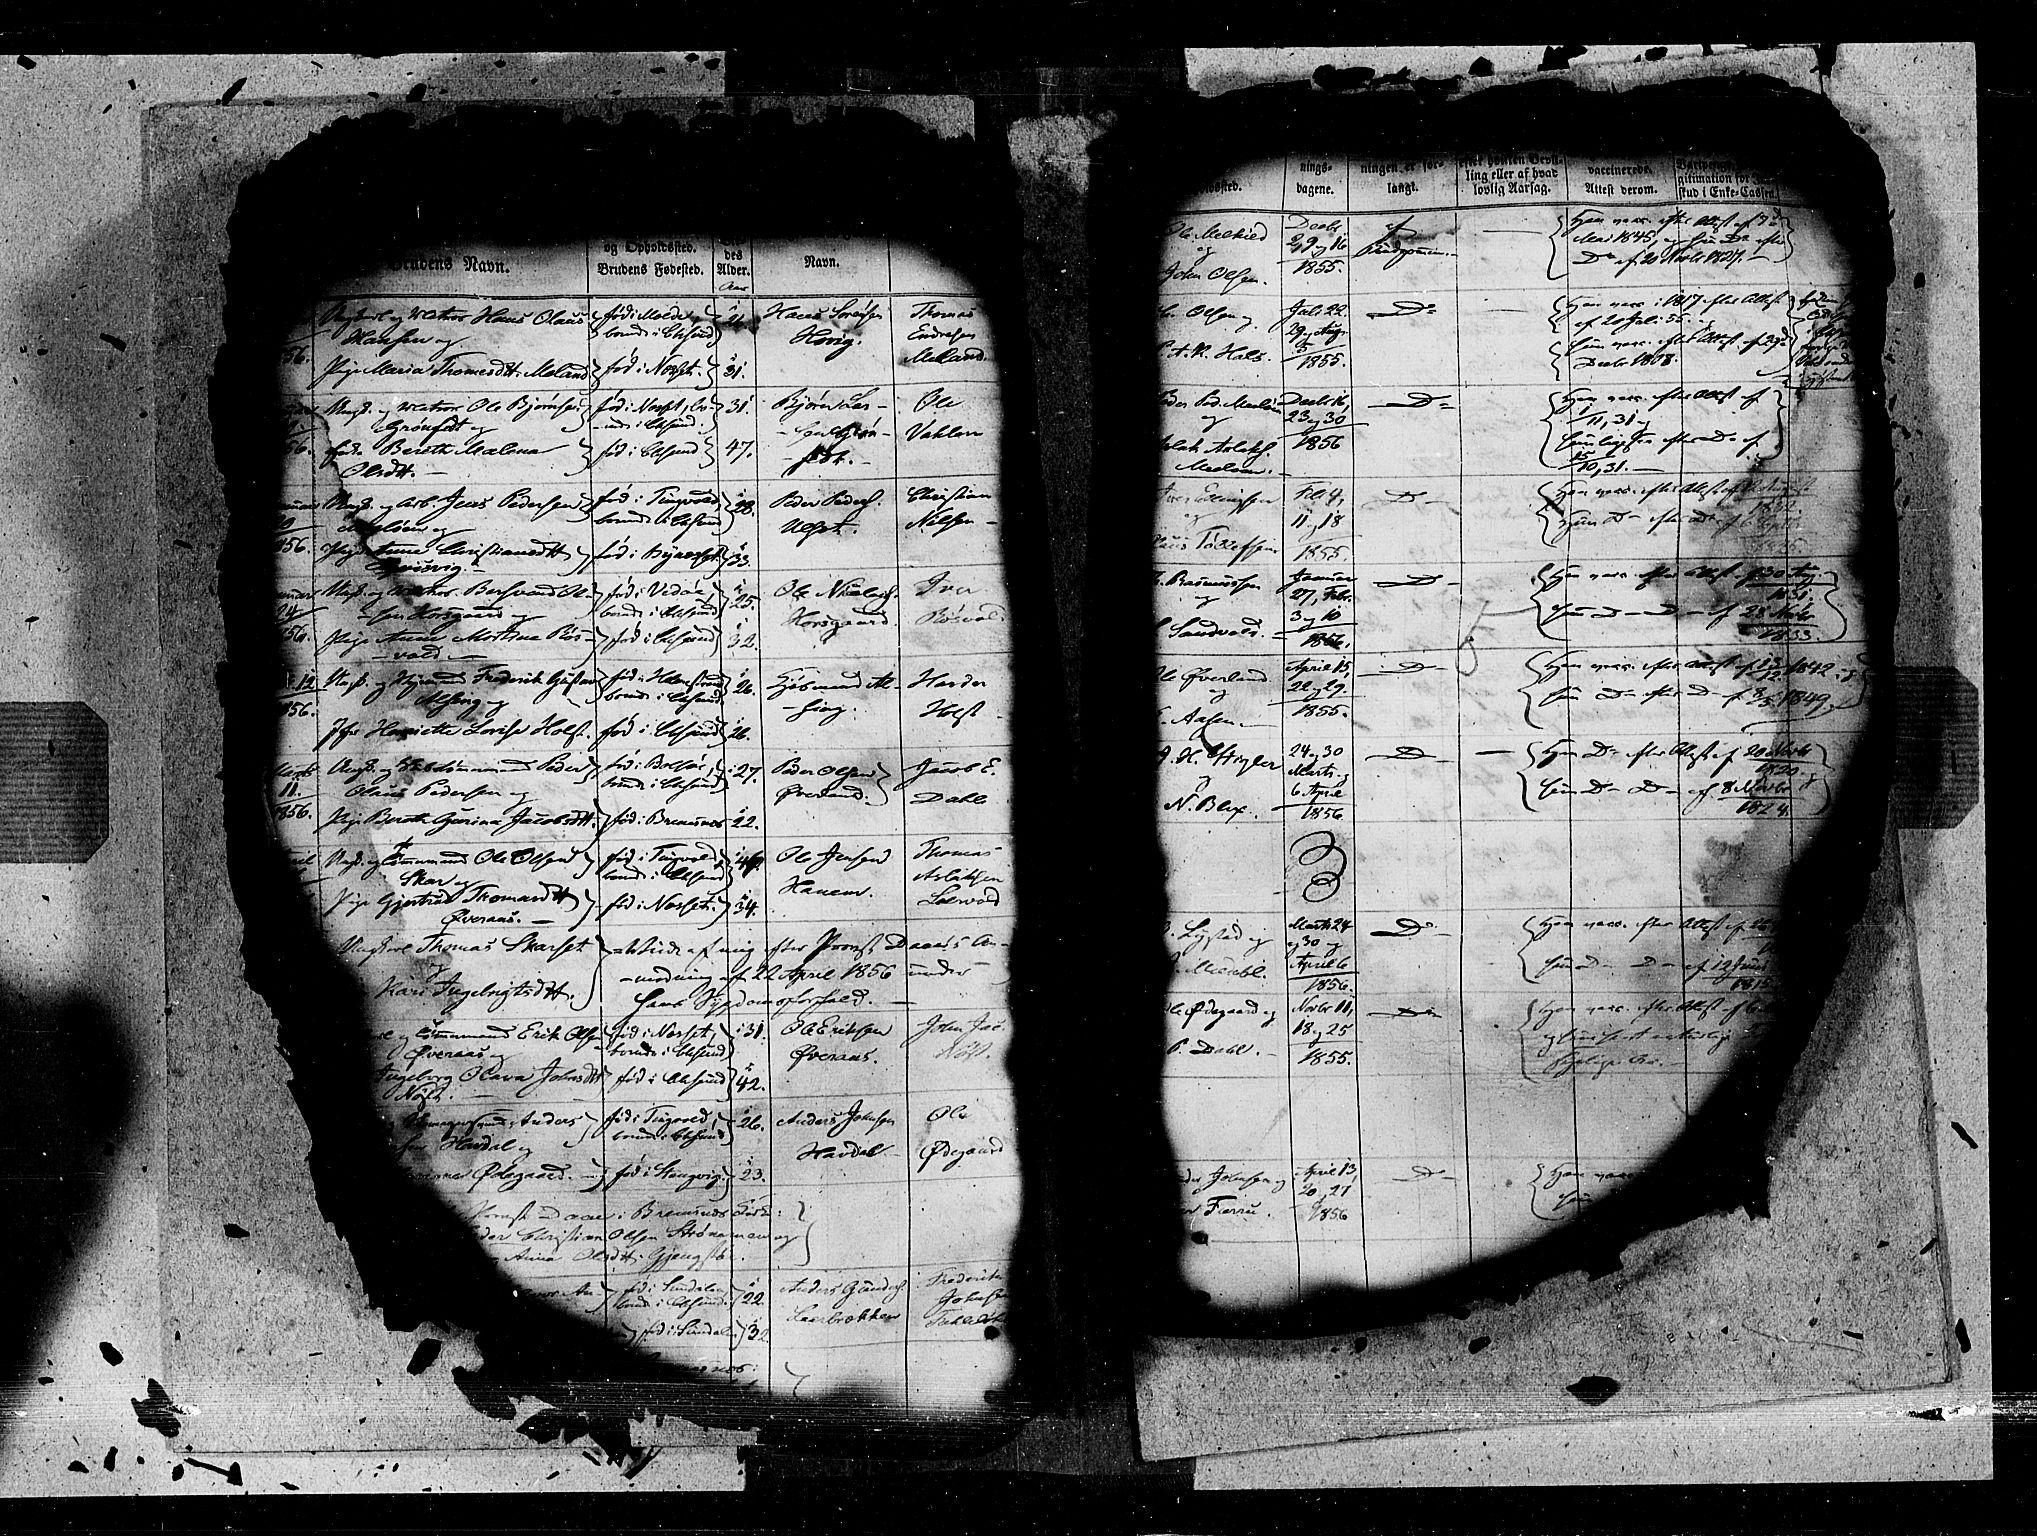 SAT, Ministerialprotokoller, klokkerbøker og fødselsregistre - Møre og Romsdal, 572/L0846: Ministerialbok nr. 572A09, 1855-1865, s. 5